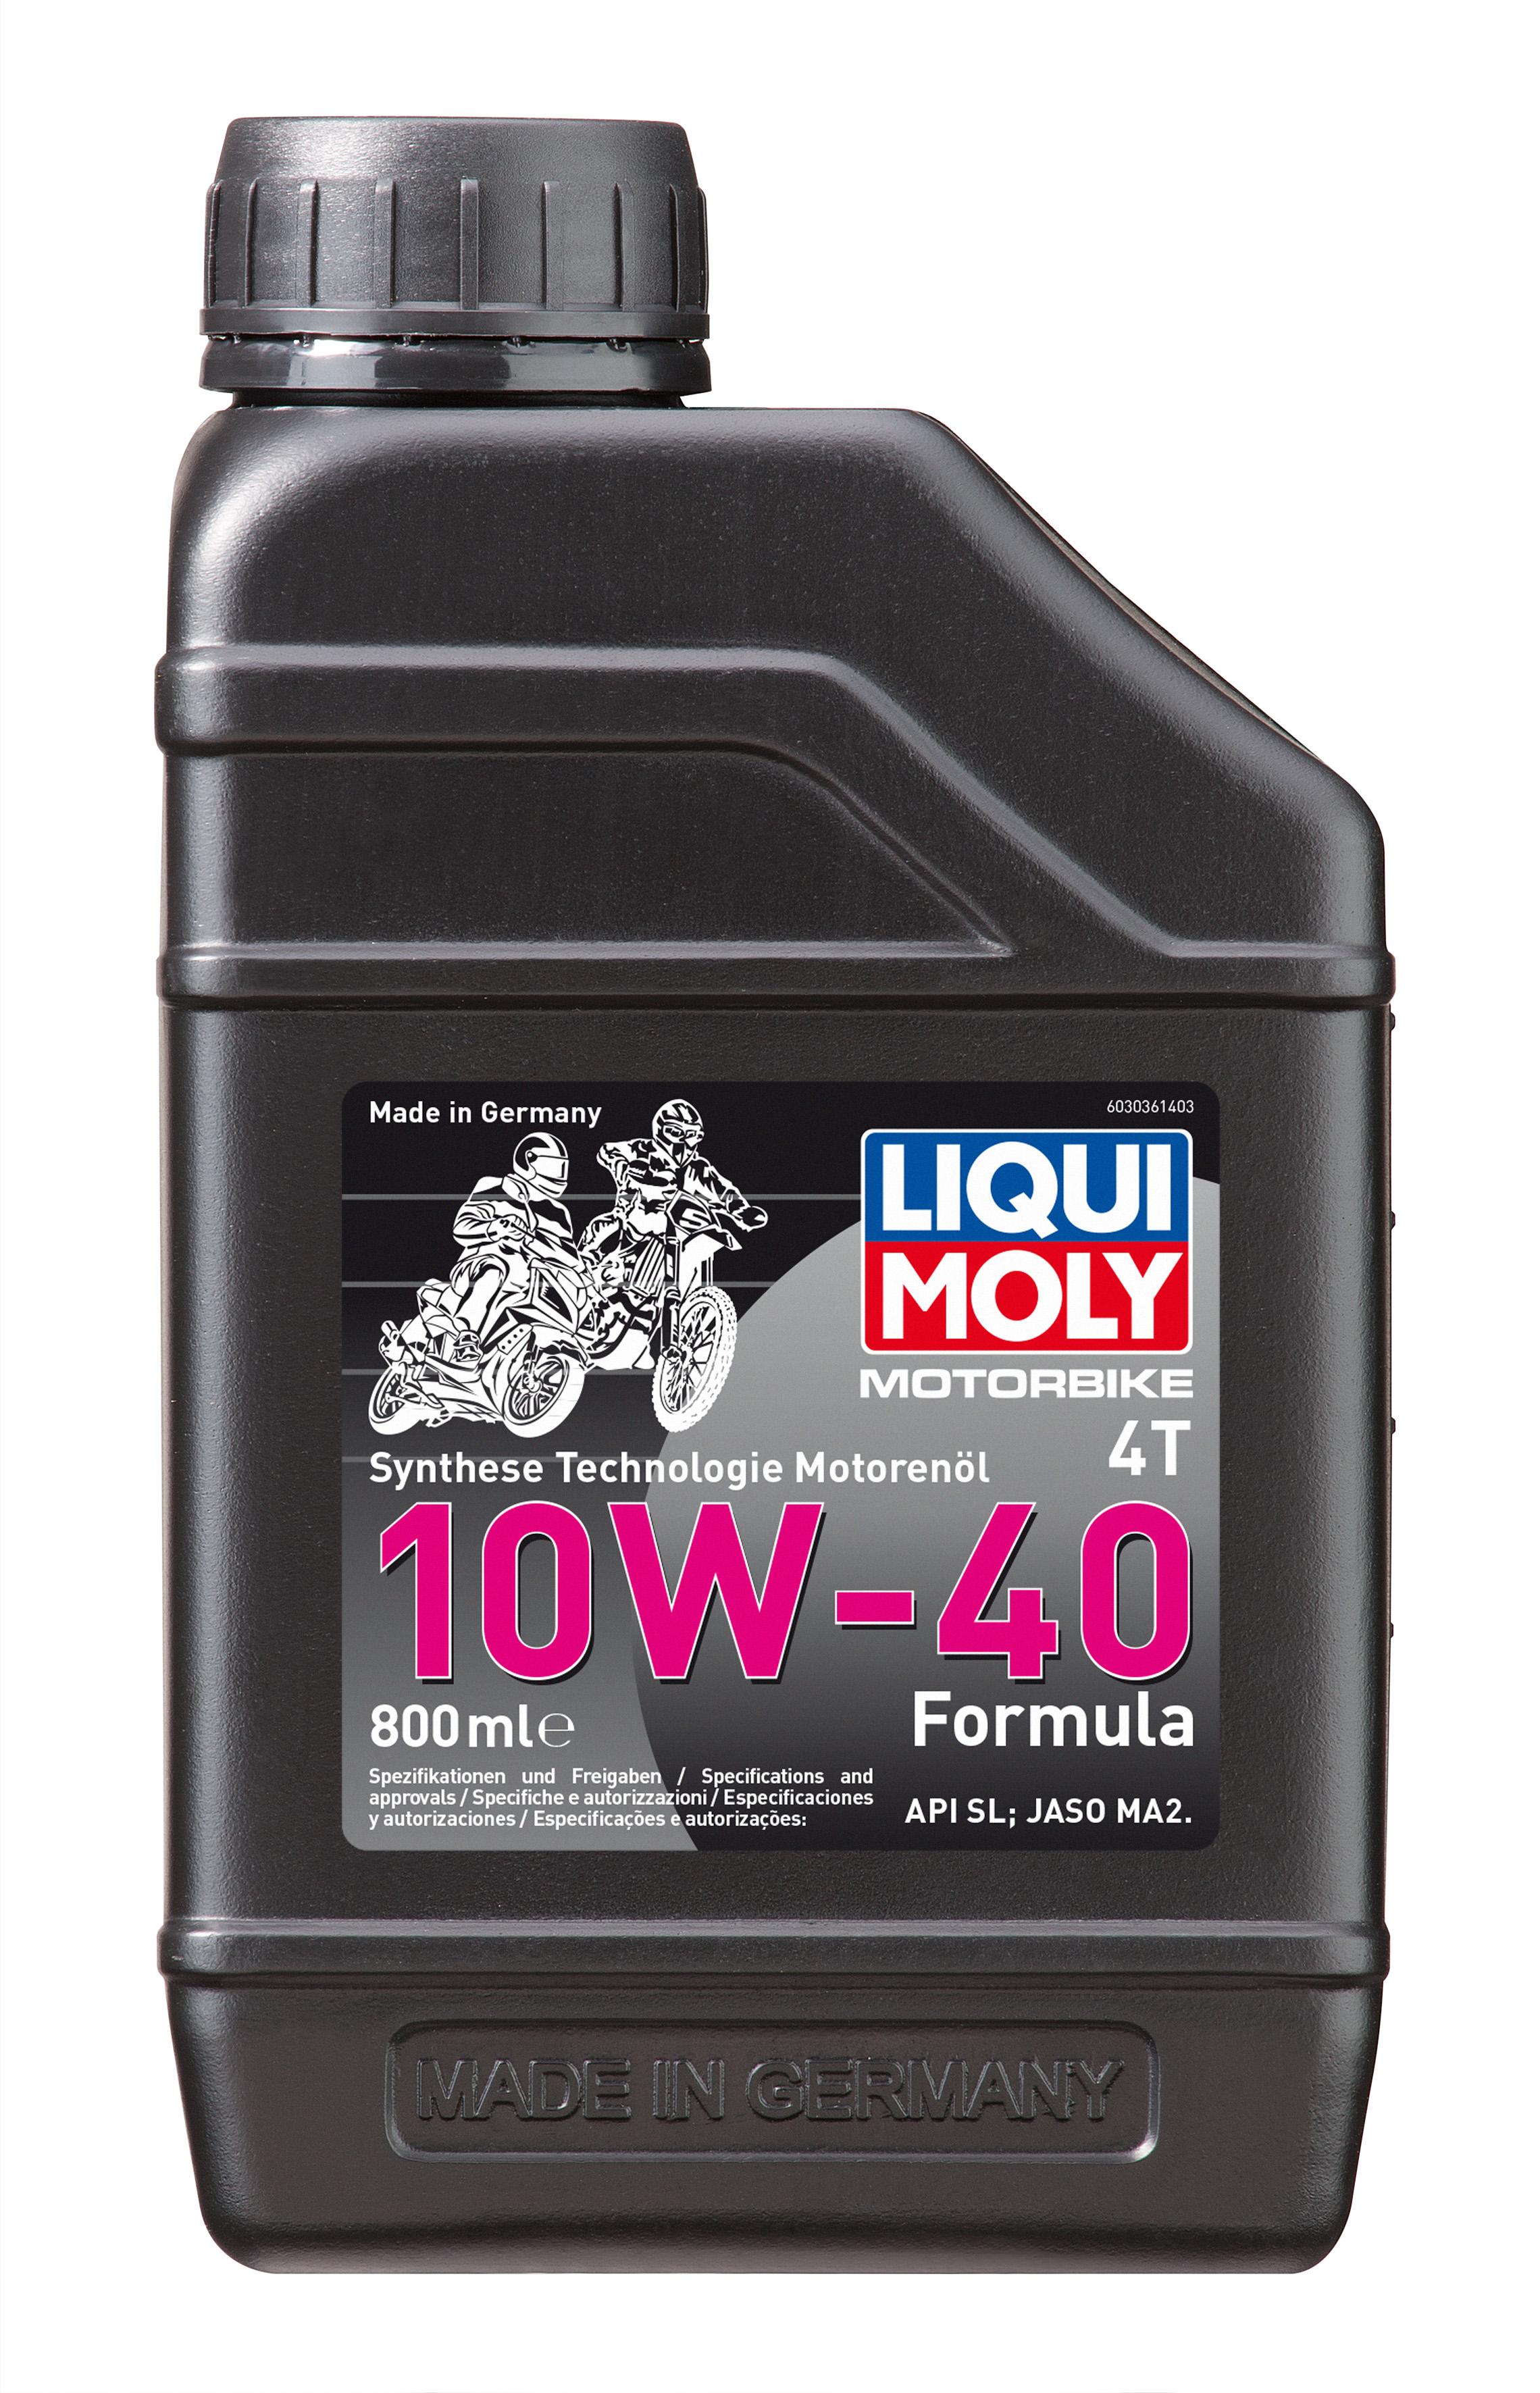 НС-синтетическое моторное масло для 4-тактных мотоциклов Motorbike 4T Formula 10W-40